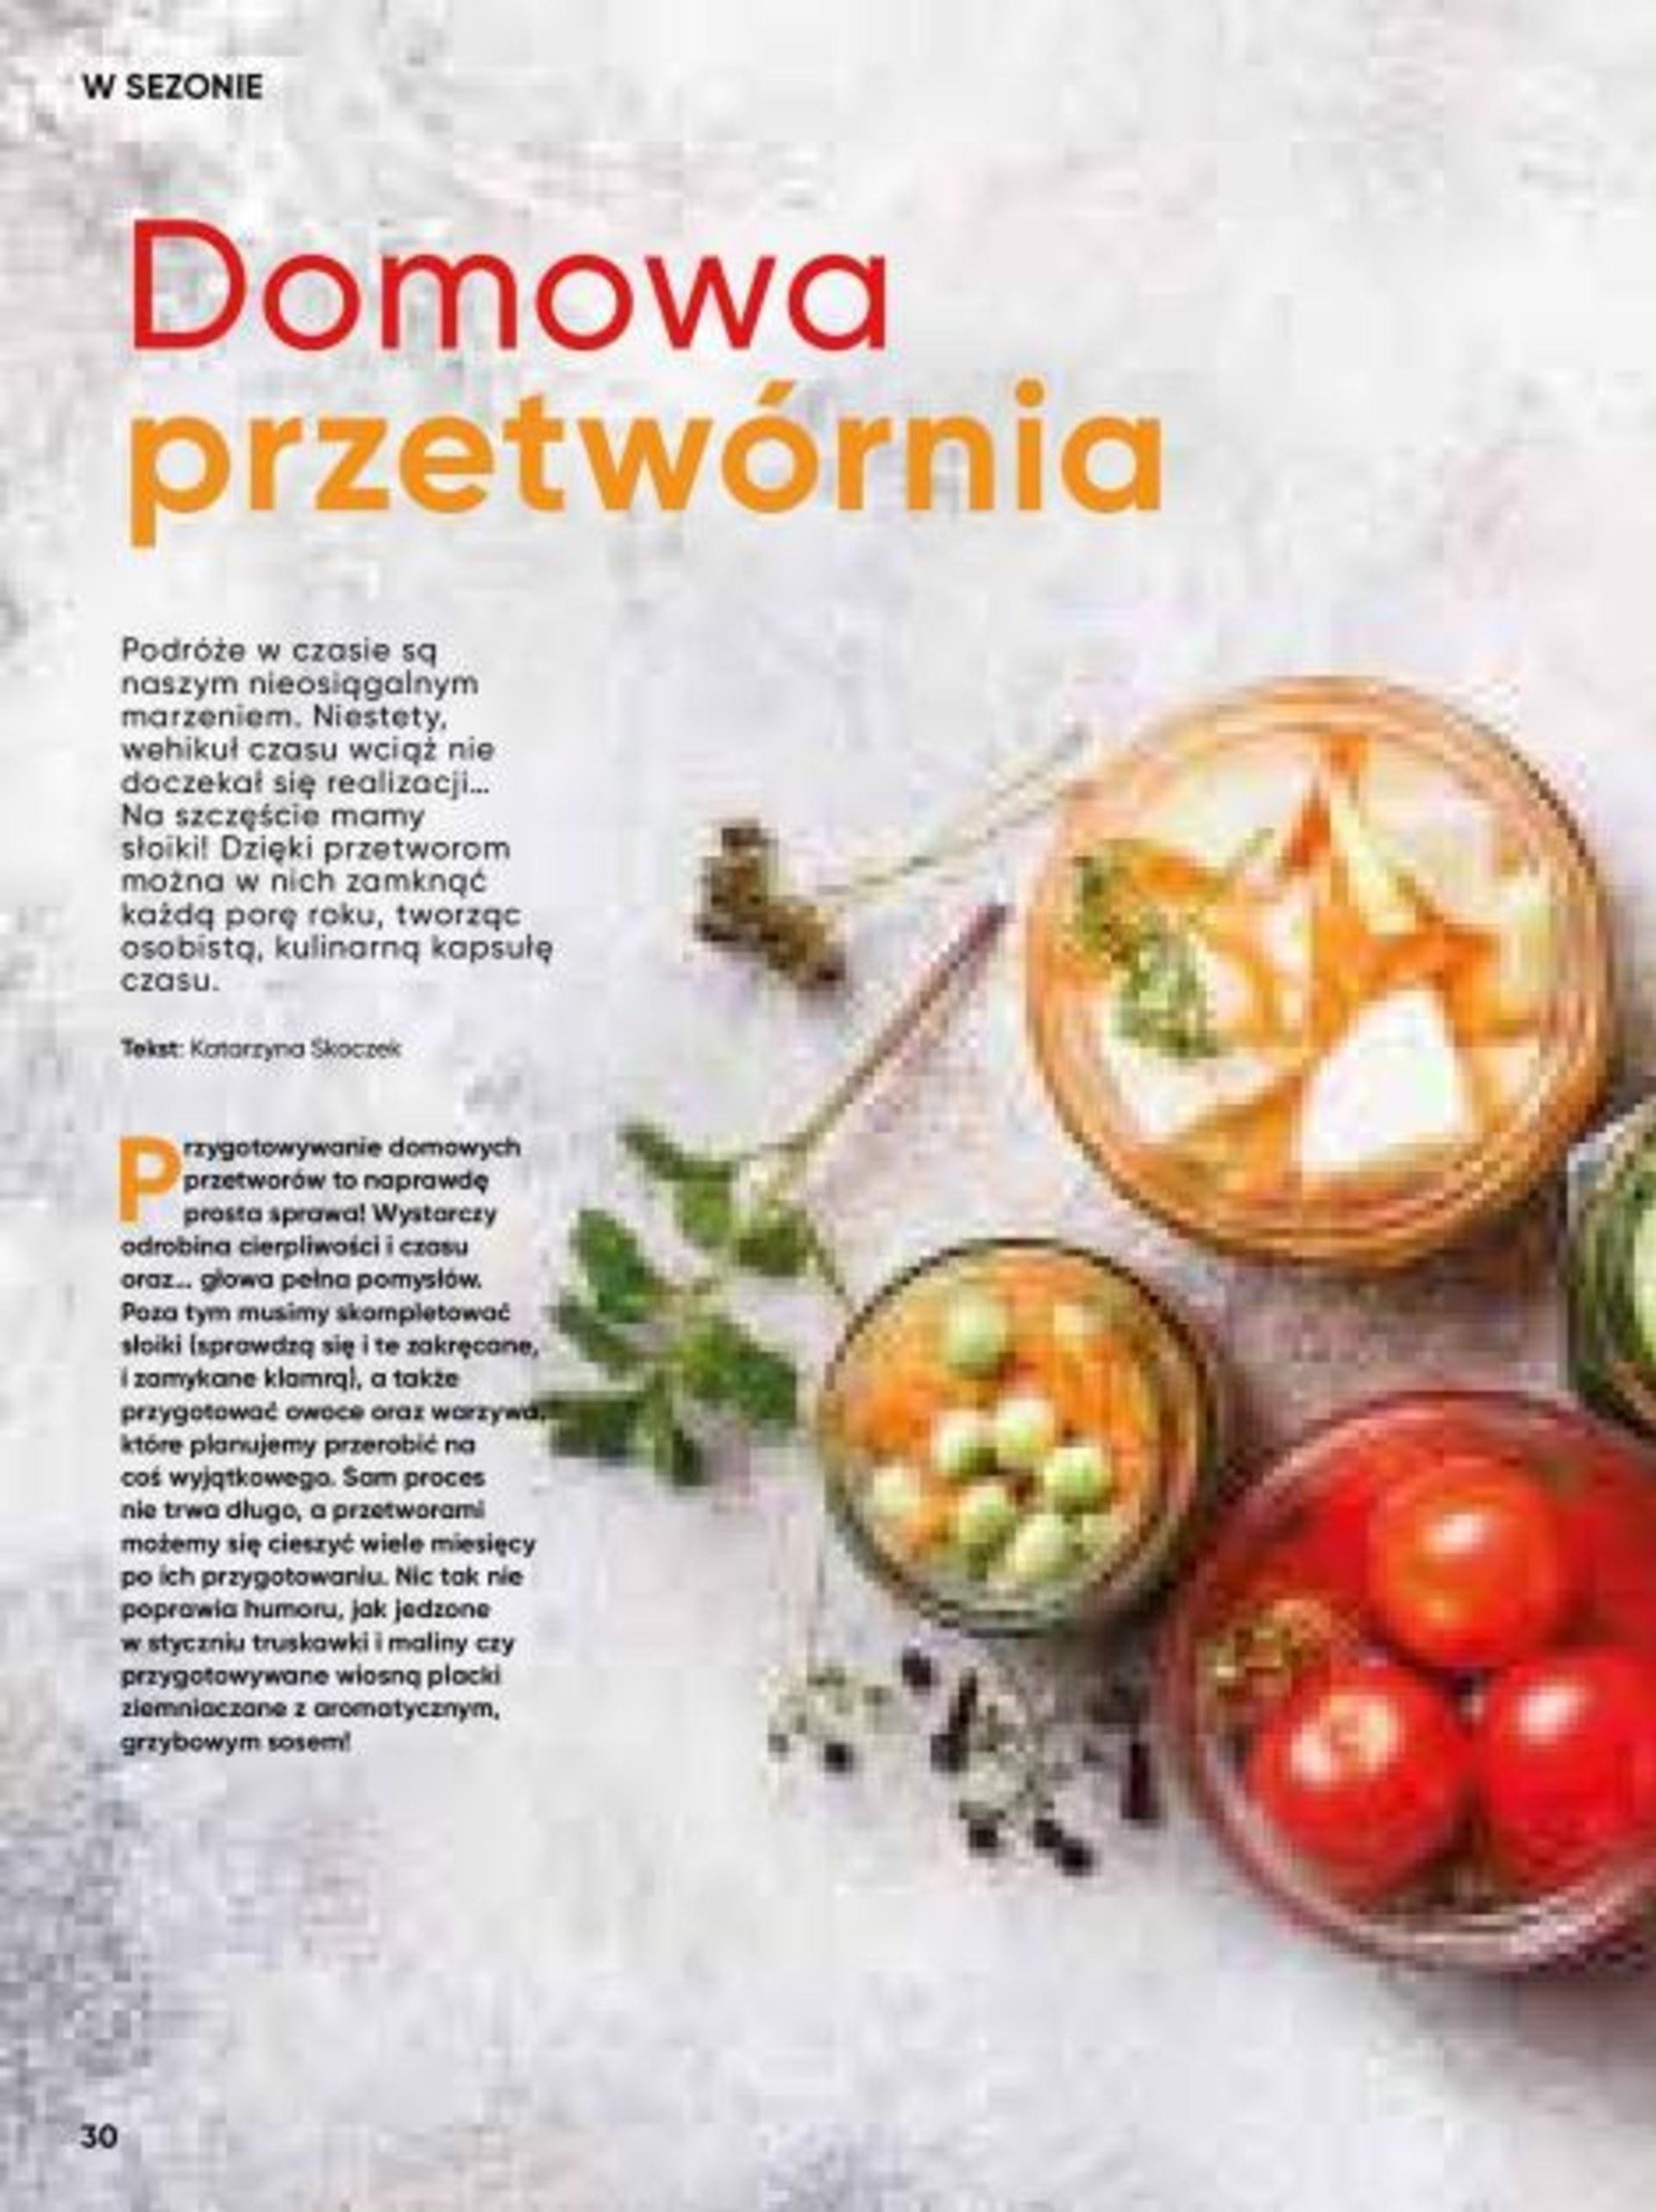 dc2c6ad7f6f53 Gazetka Tesco - gazetka-promocyjna-tesco-27-08-2018,35124